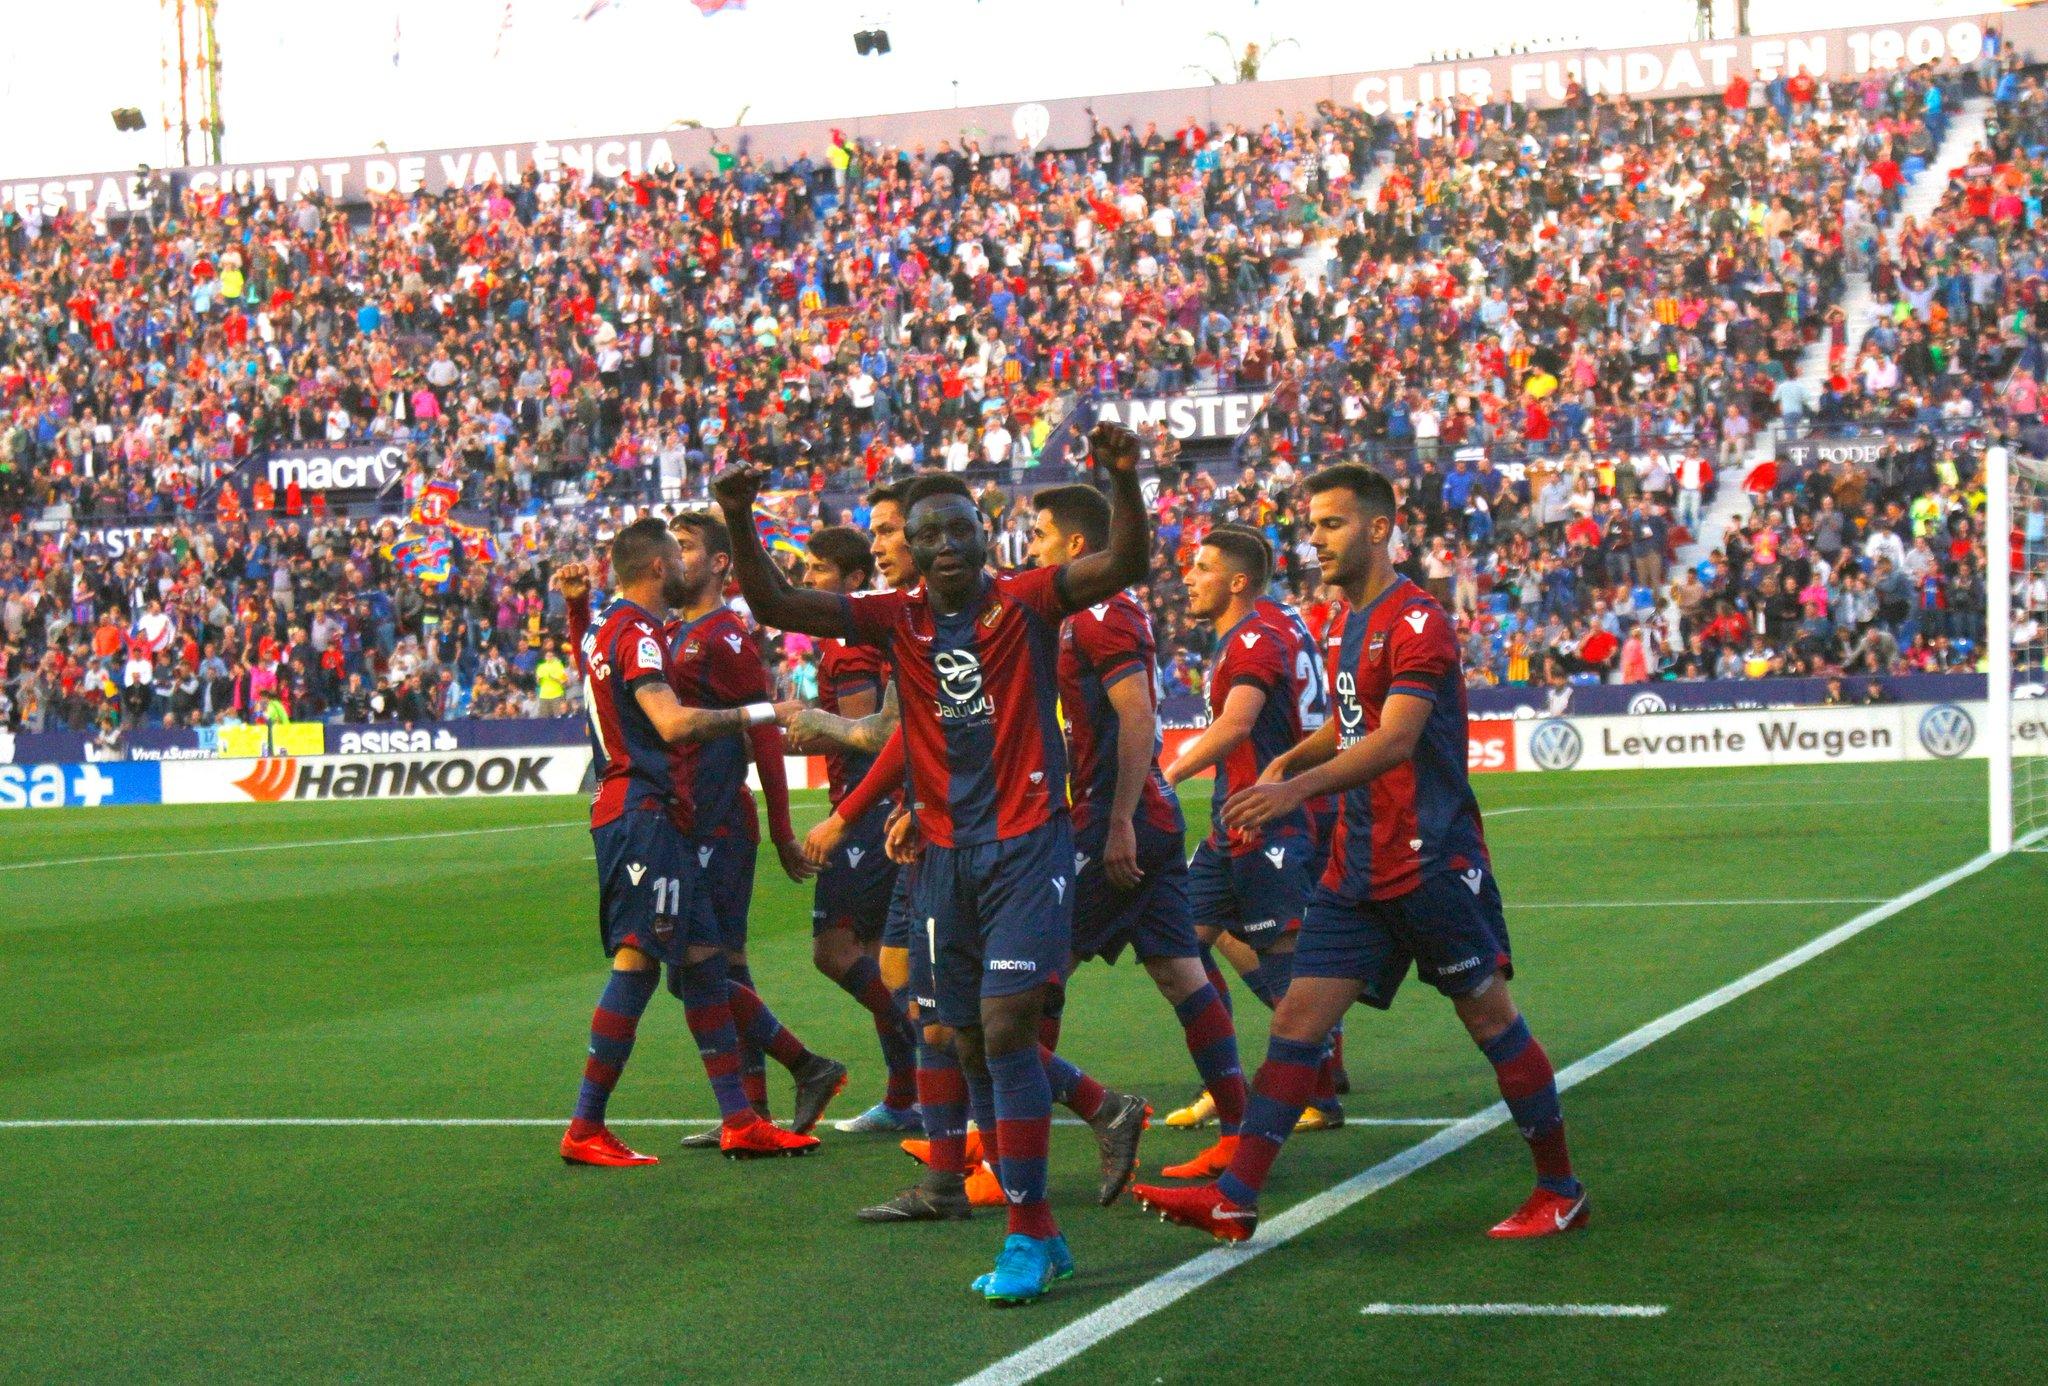 El Levante vuelve a ganarle al Barcelona en Liga..y le vuelve a meter cinco